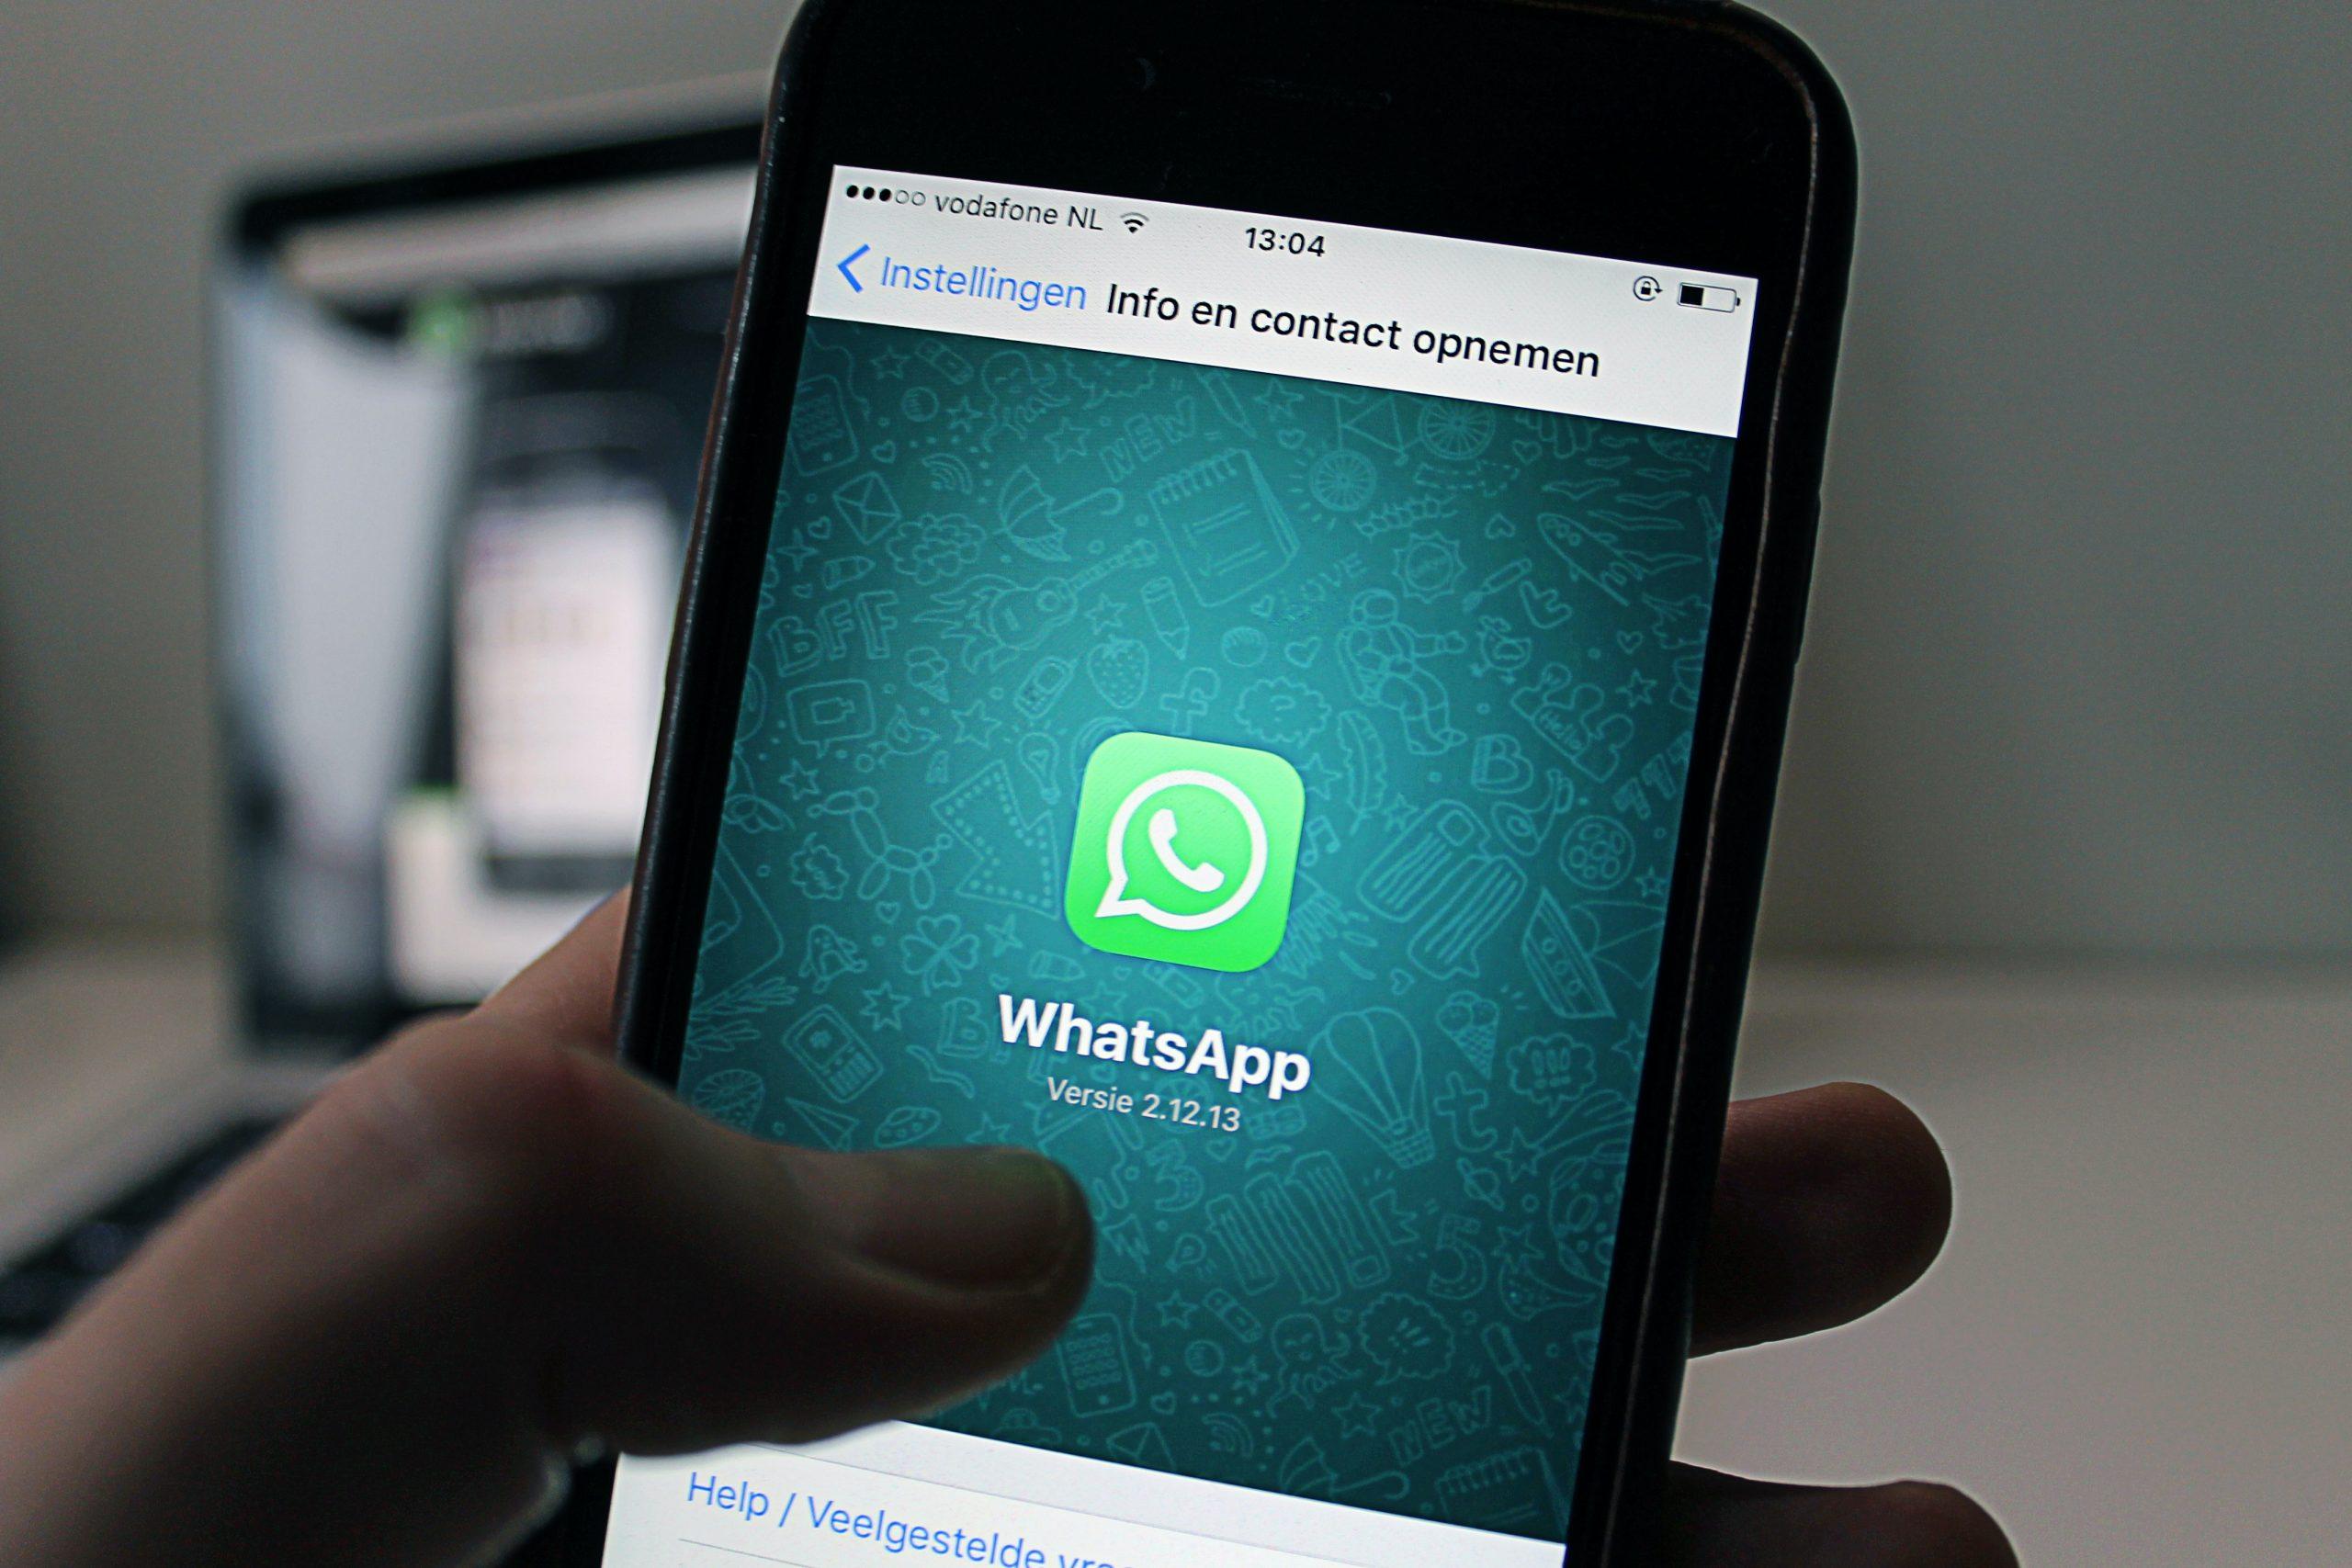 La voladora: WhatsApp podría leer los mensajes de números que sean reportados